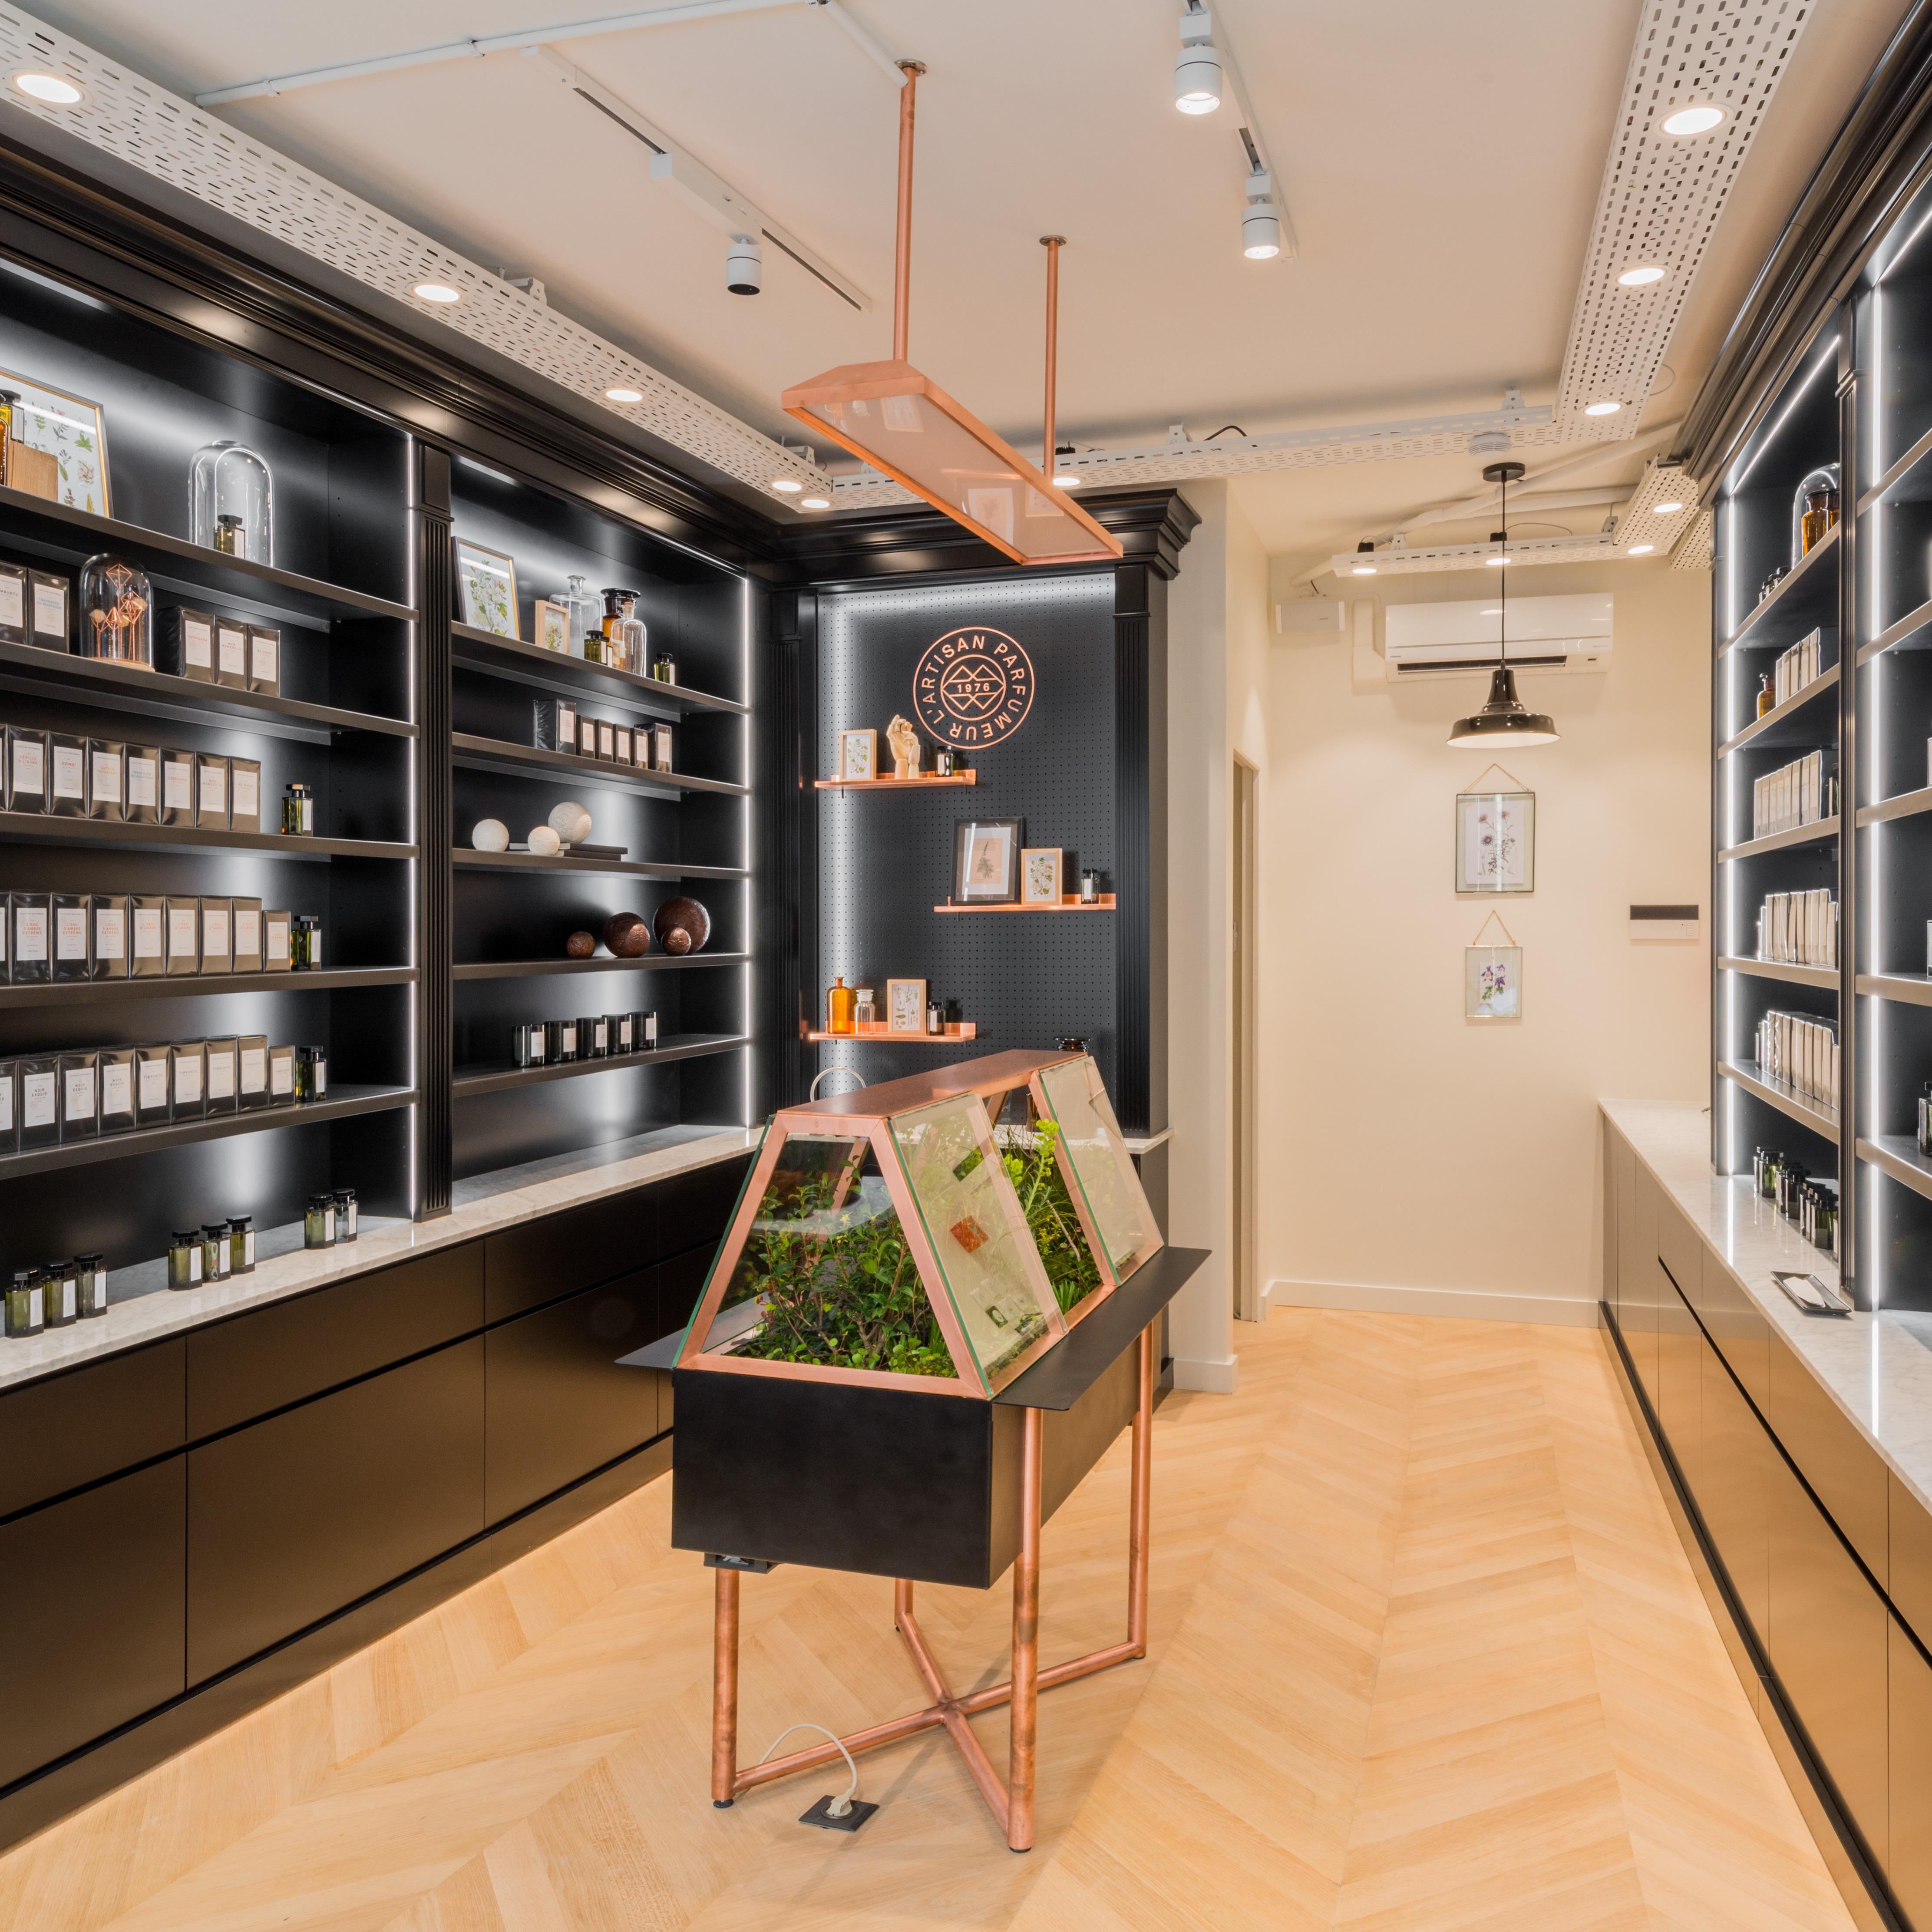 l 39 artisan parfumeur marais paris parfumerie de niche. Black Bedroom Furniture Sets. Home Design Ideas